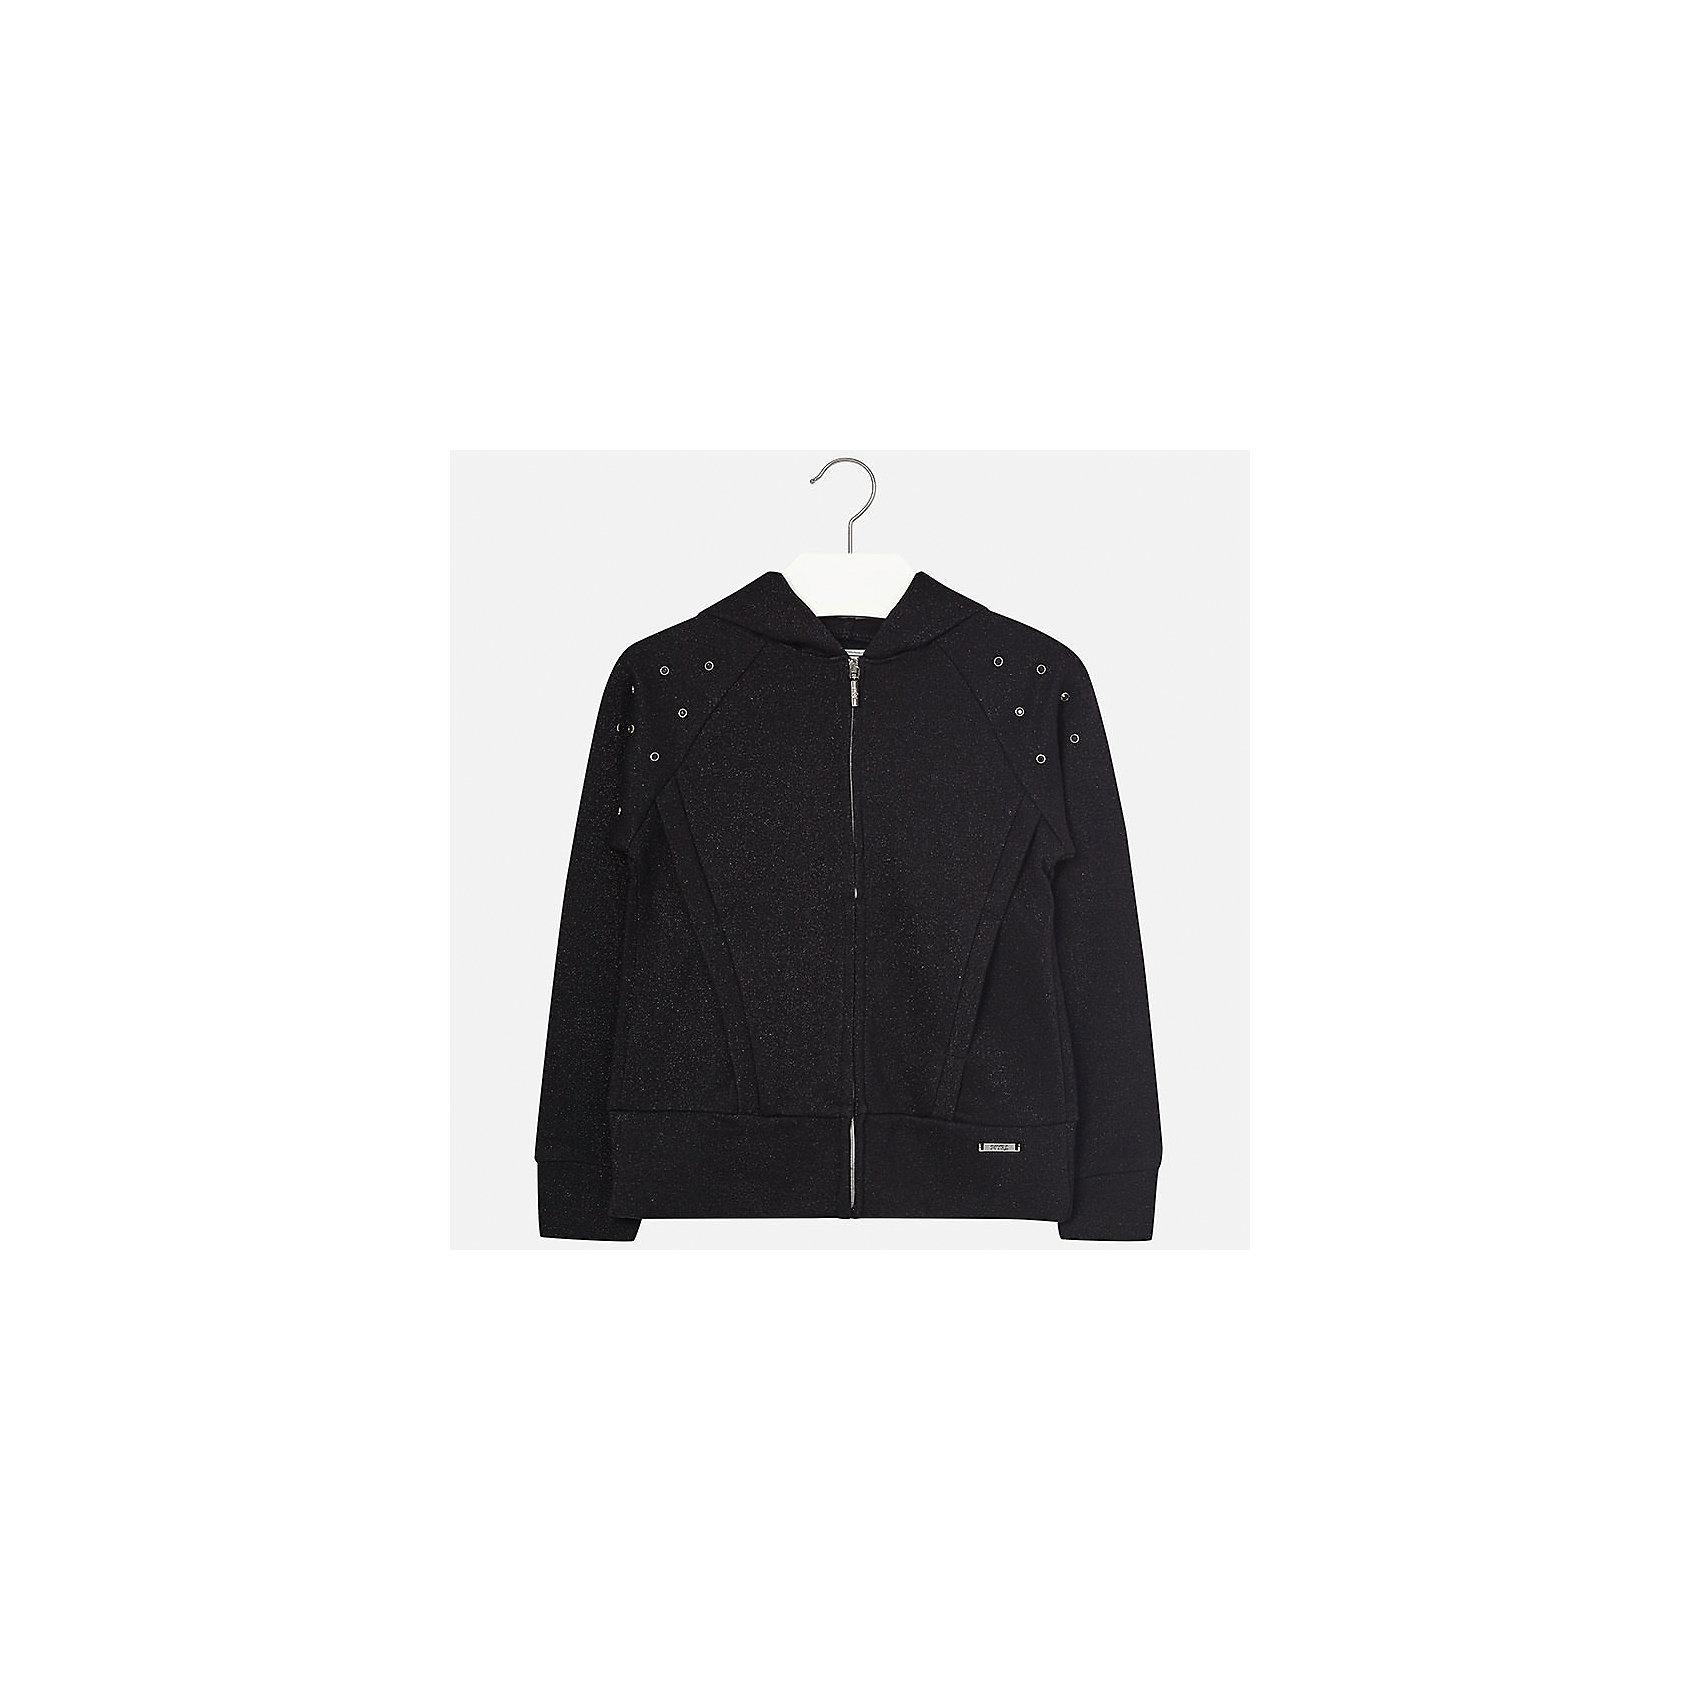 Куртка для девочки MayoralВетровки и жакеты<br>Характеристики товара:<br><br>• цвет: чёрный<br>• состав: 42% хлопок, 42% вискоза, 16% металлическая нить<br>• молния<br>• капюшон<br>• карманы<br>• украшена стразами<br>• страна бренда: Испания<br><br>Модная куртка для девочки поможет разнообразить гардероб ребенка и украсить наряд. Интересная отделка модели делает её нарядной и оригинальной.<br><br>Куртку для девочки от испанского бренда Mayoral (Майорал) можно купить в нашем интернет-магазине.<br><br>Ширина мм: 356<br>Глубина мм: 10<br>Высота мм: 245<br>Вес г: 519<br>Цвет: черный<br>Возраст от месяцев: 84<br>Возраст до месяцев: 96<br>Пол: Женский<br>Возраст: Детский<br>Размер: 128/134,170,140,152,158,164<br>SKU: 5292917